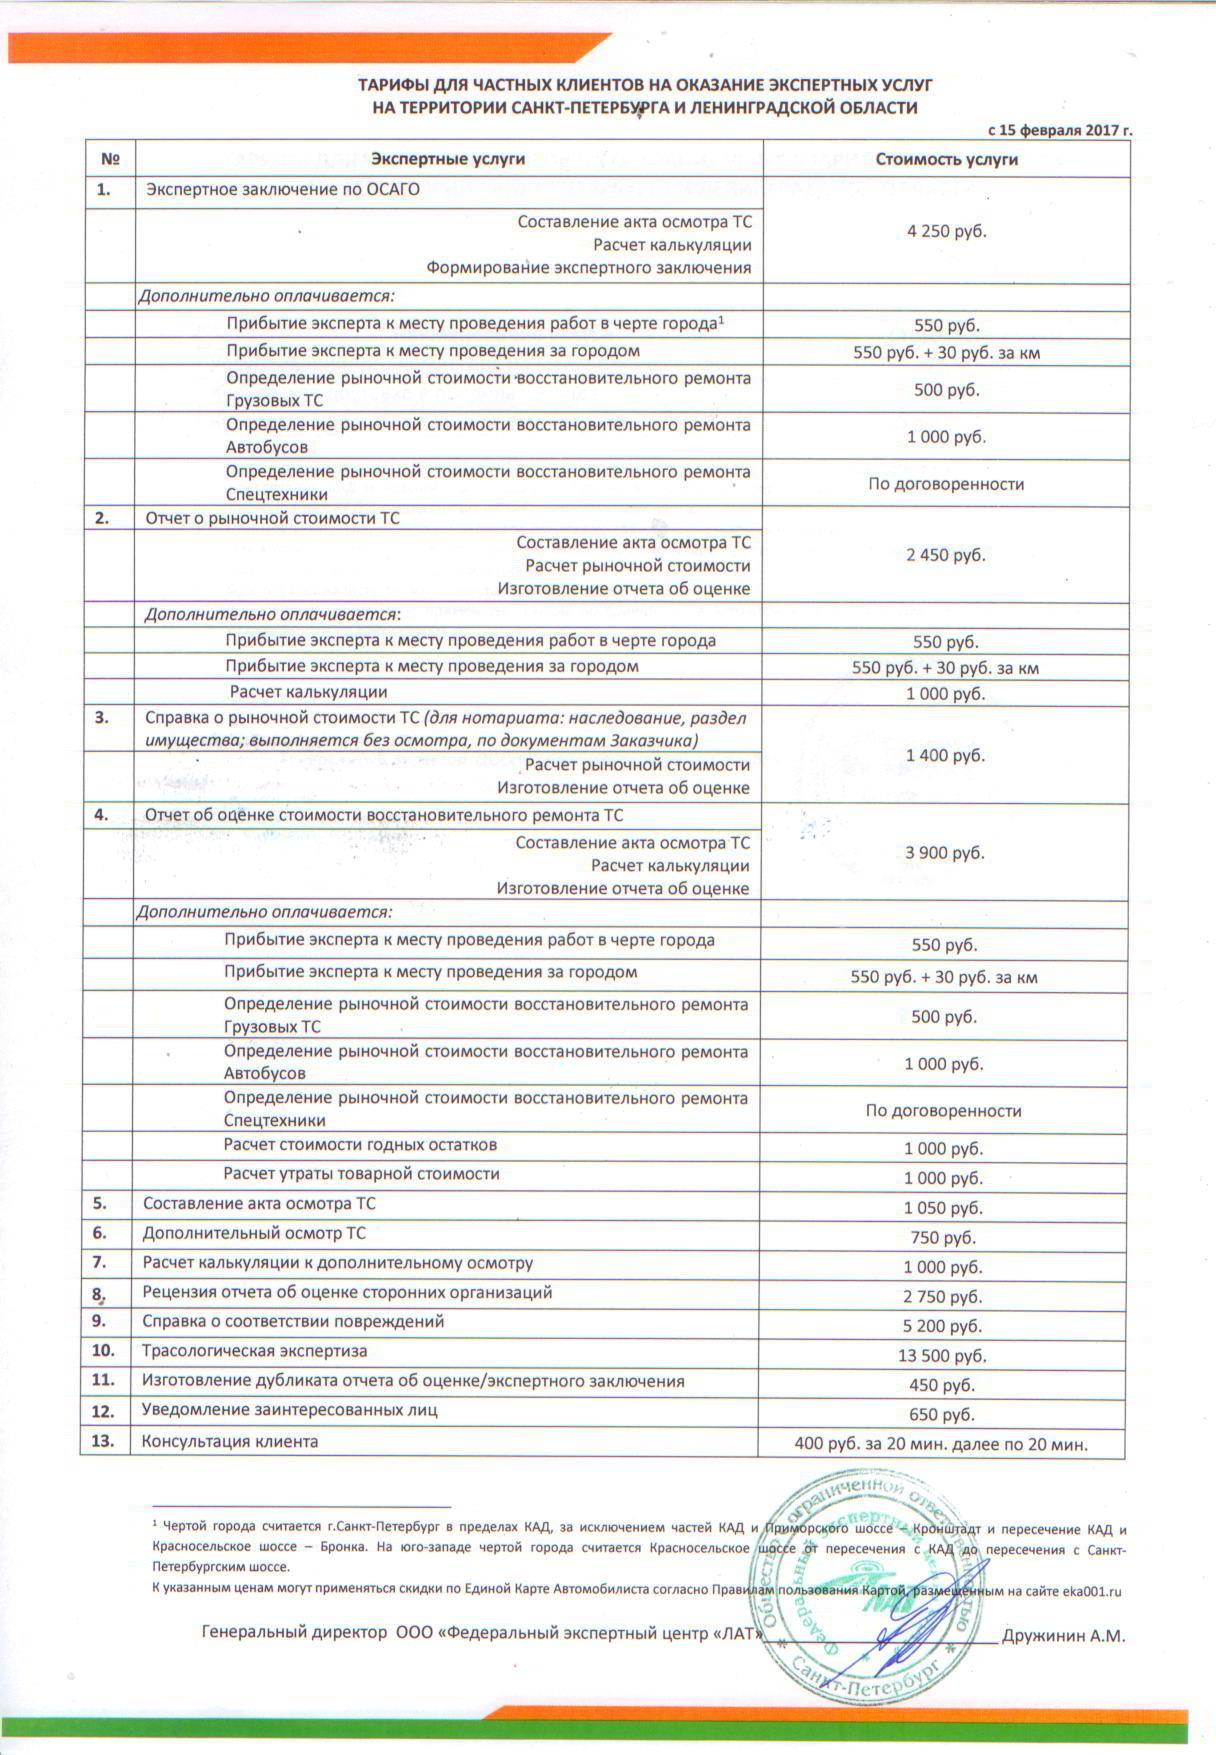 Создание сайтов государственная экспертиза санкт петербург абузоустойчивый хостинг warez